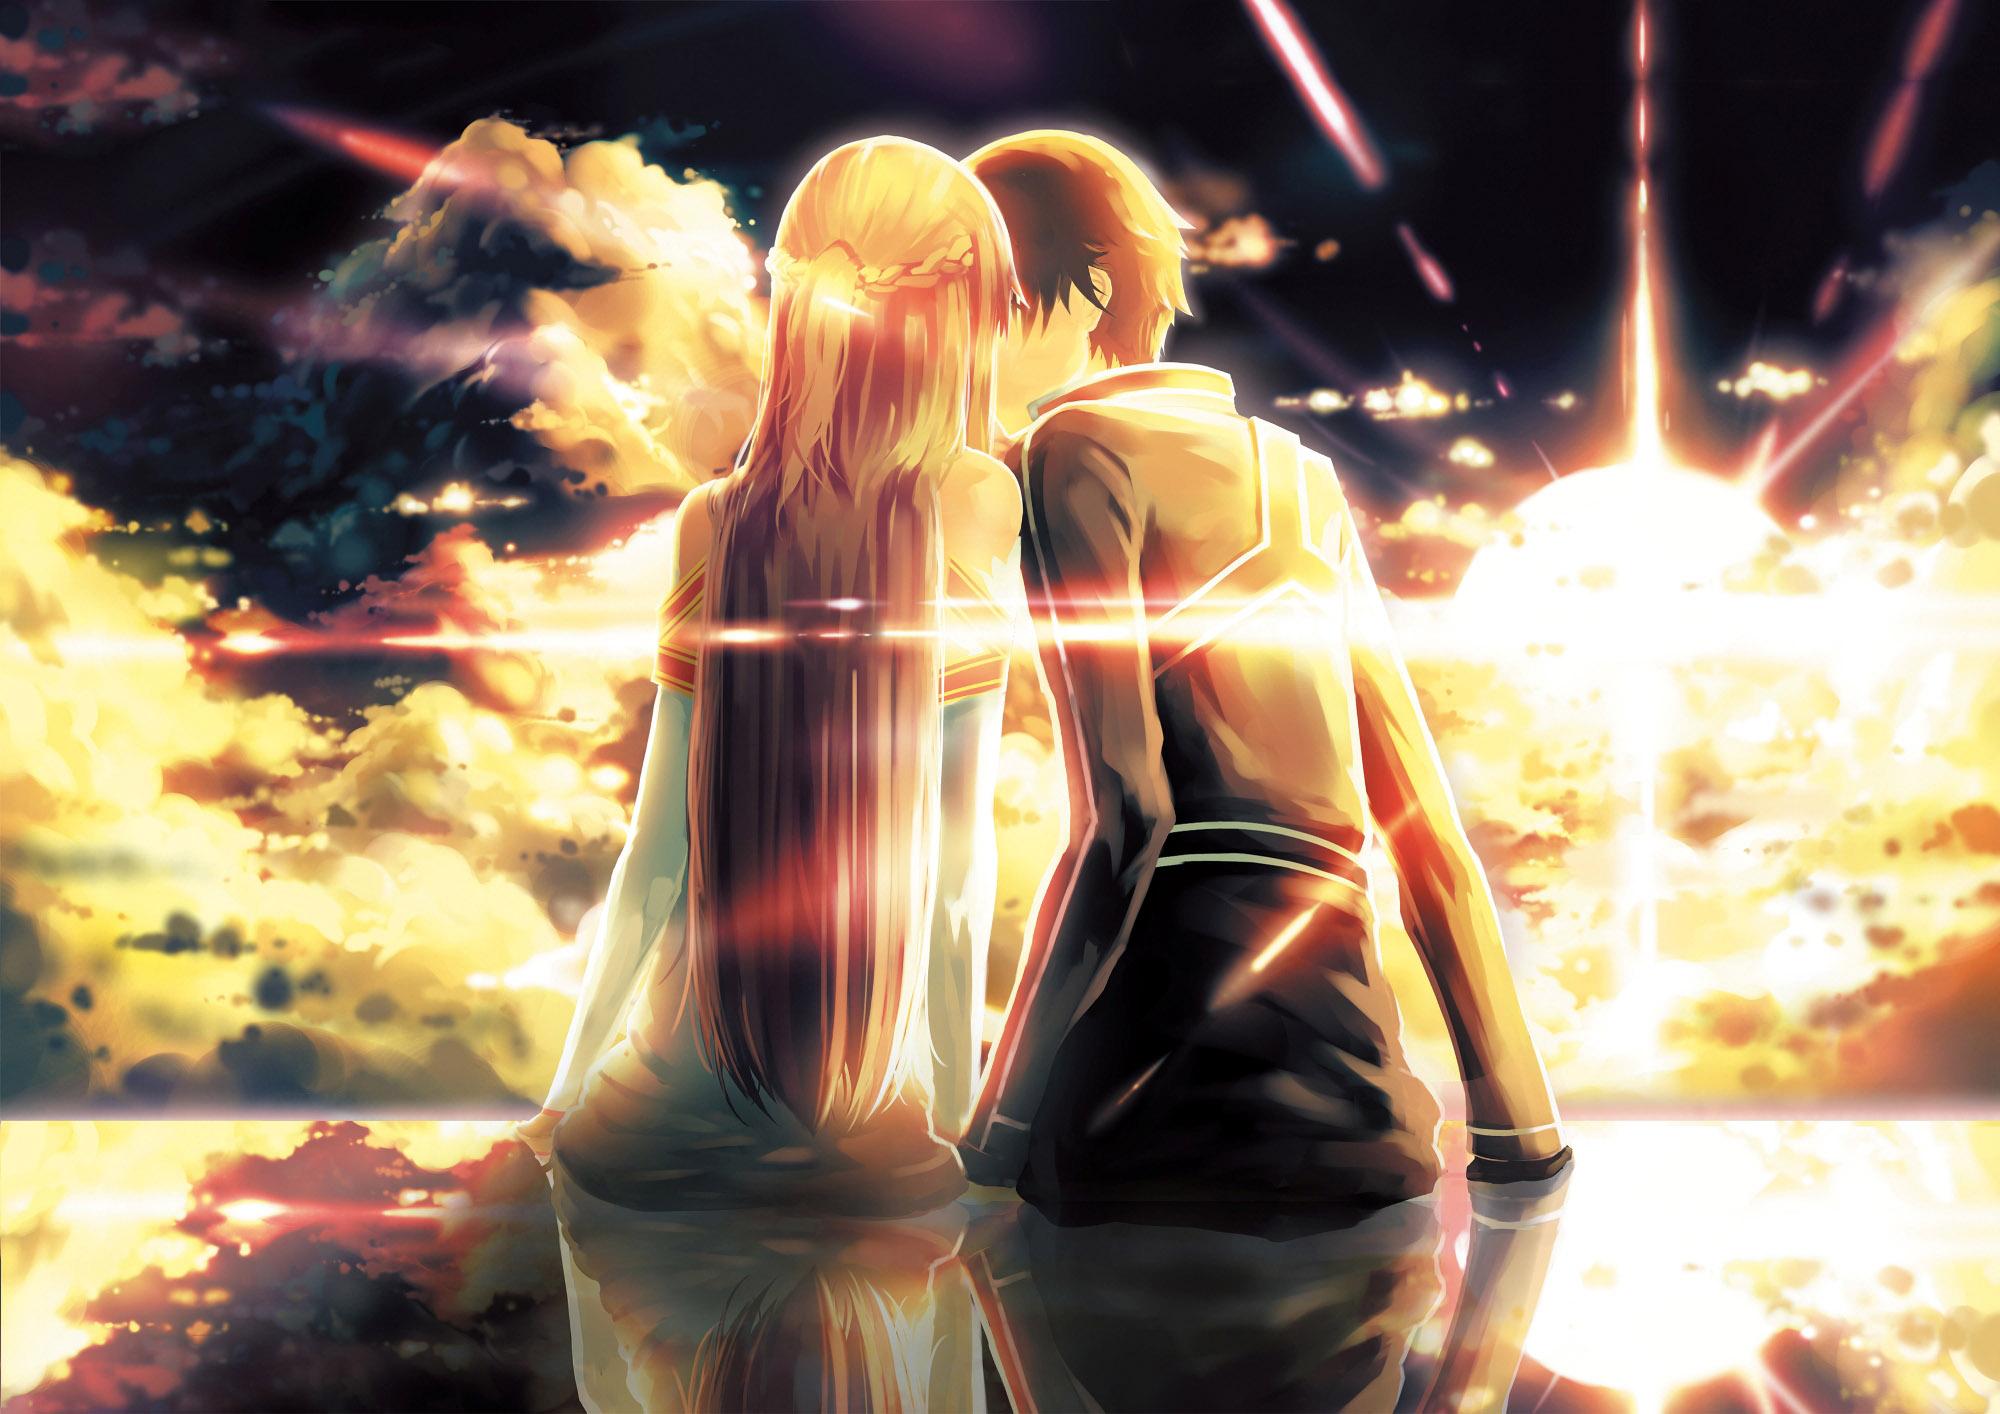 Anime couple love kissing wallpaper jpg